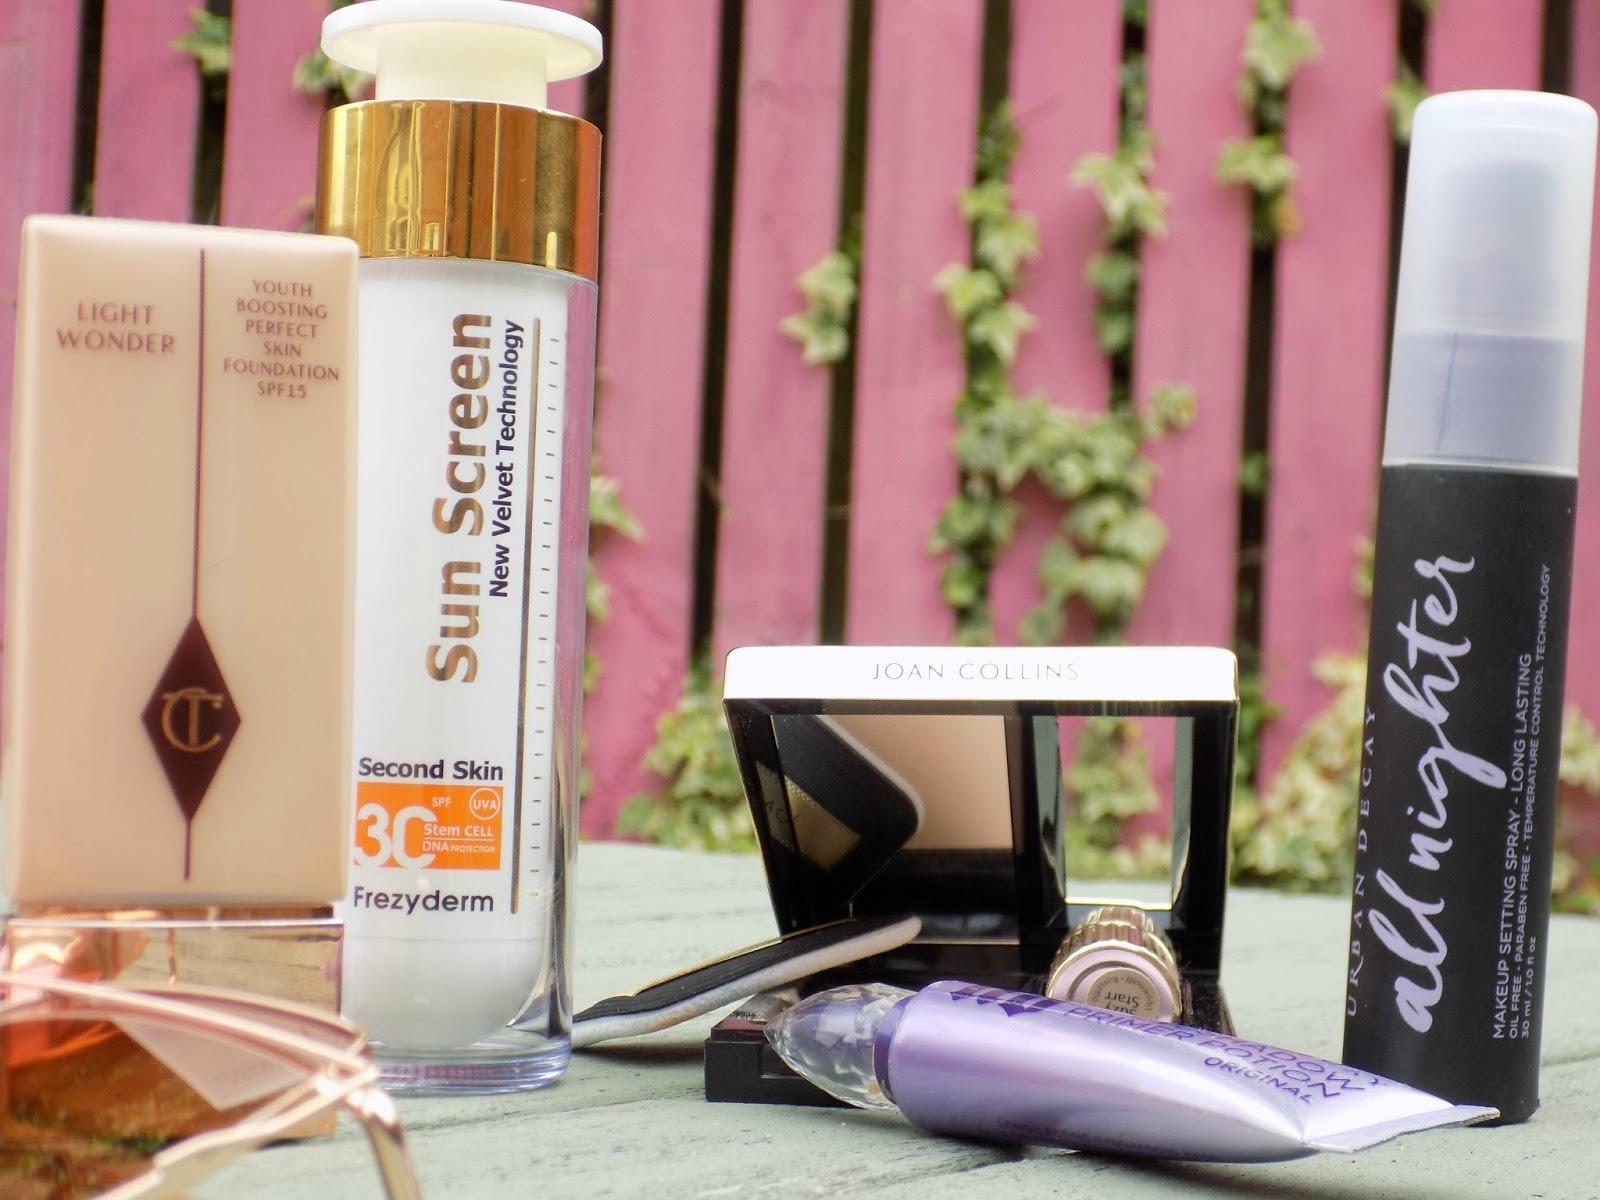 Frezyderm velvet skin protection